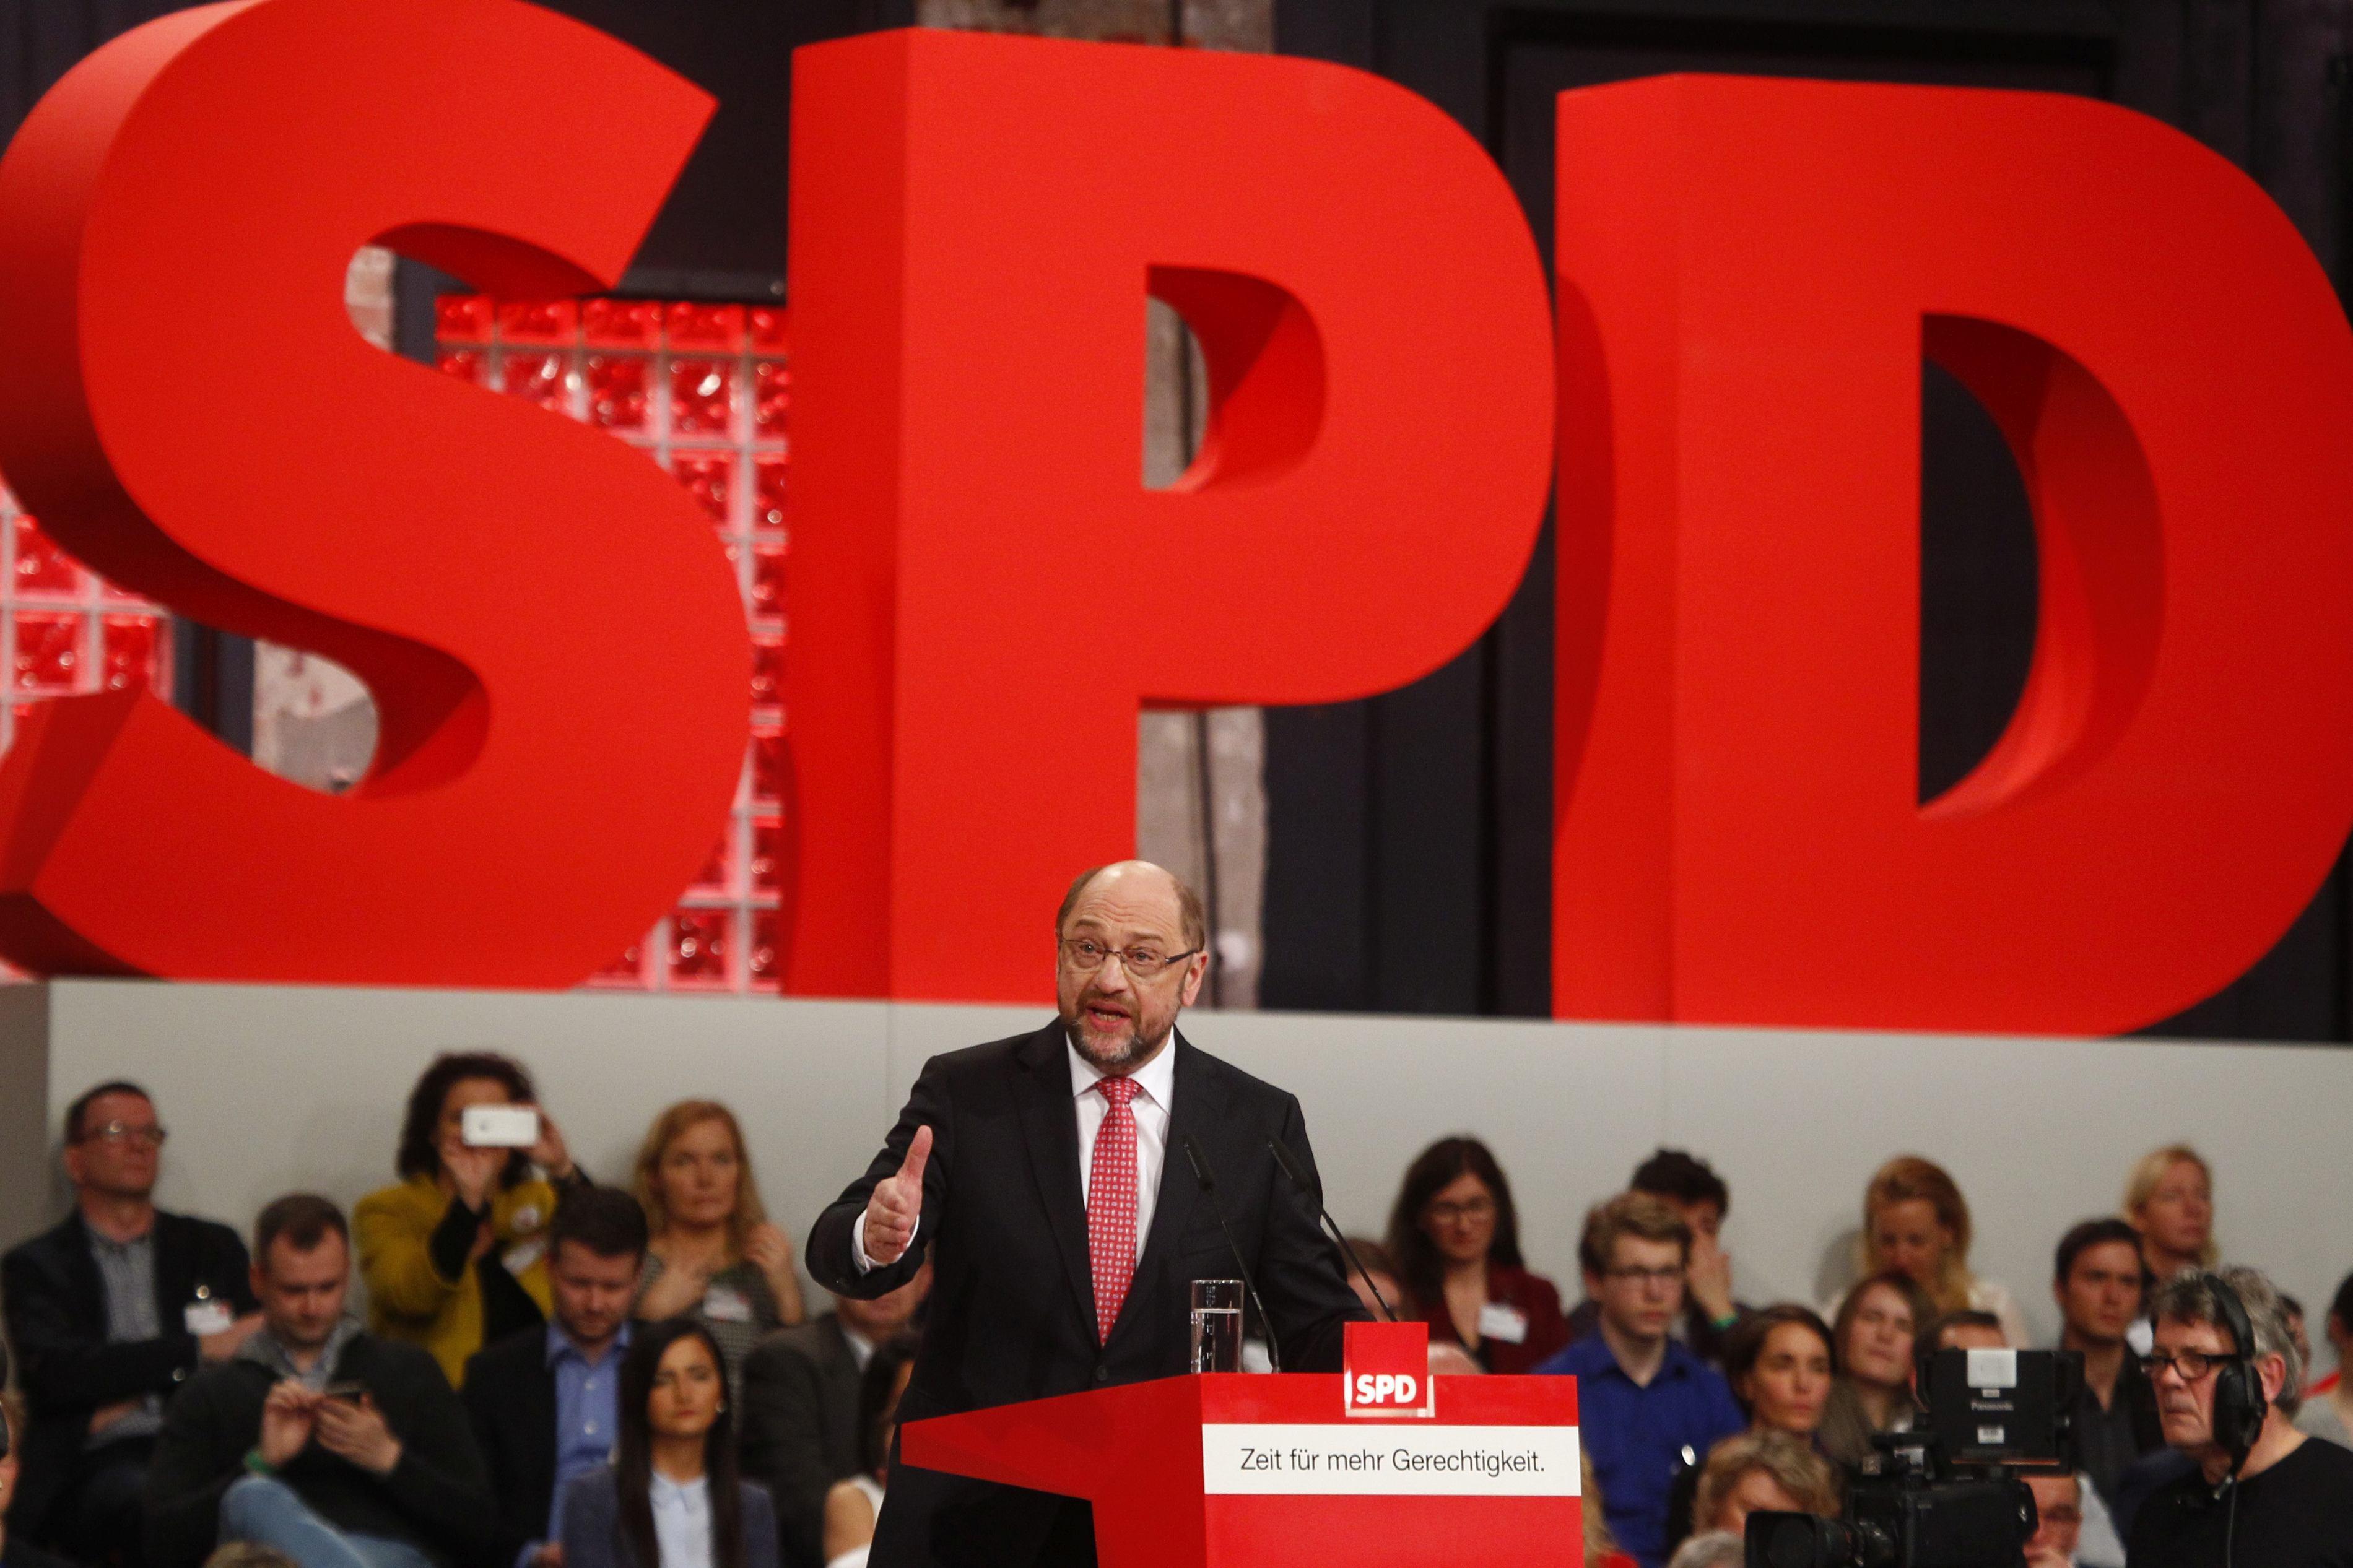 Martin Schulz afirmă că încă există obstacole în negocierile privind formarea unei noi coaliţii